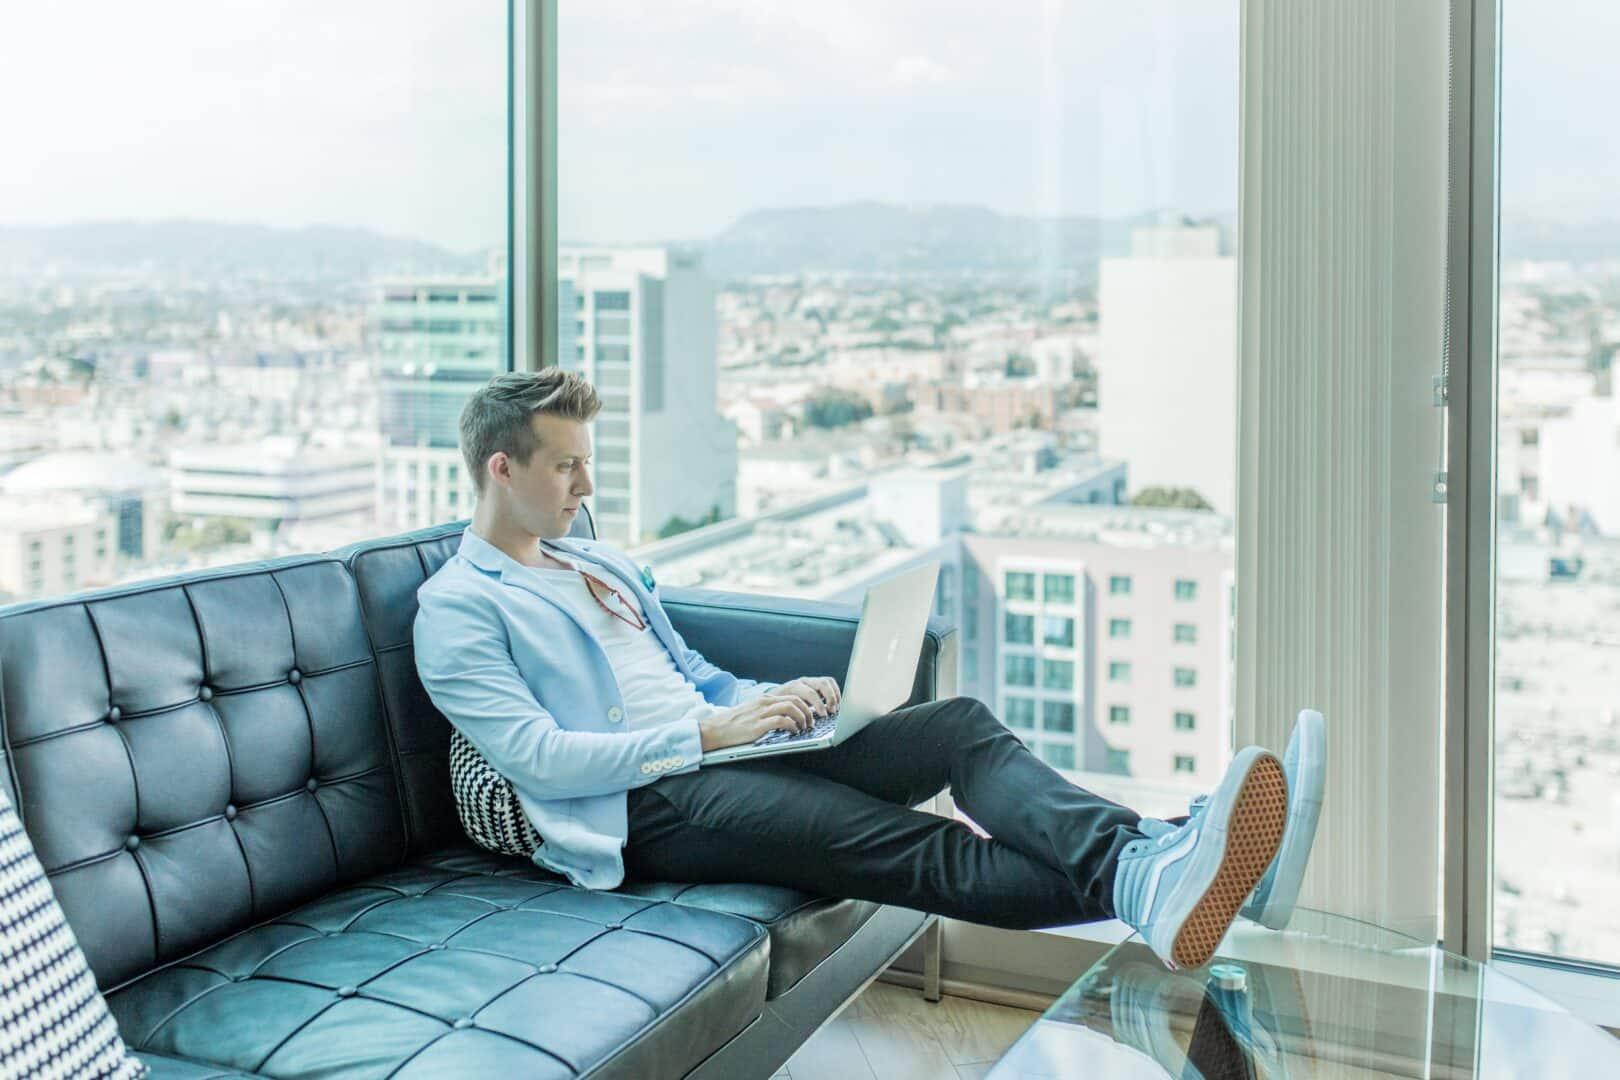 freelance versus antreprenoriat